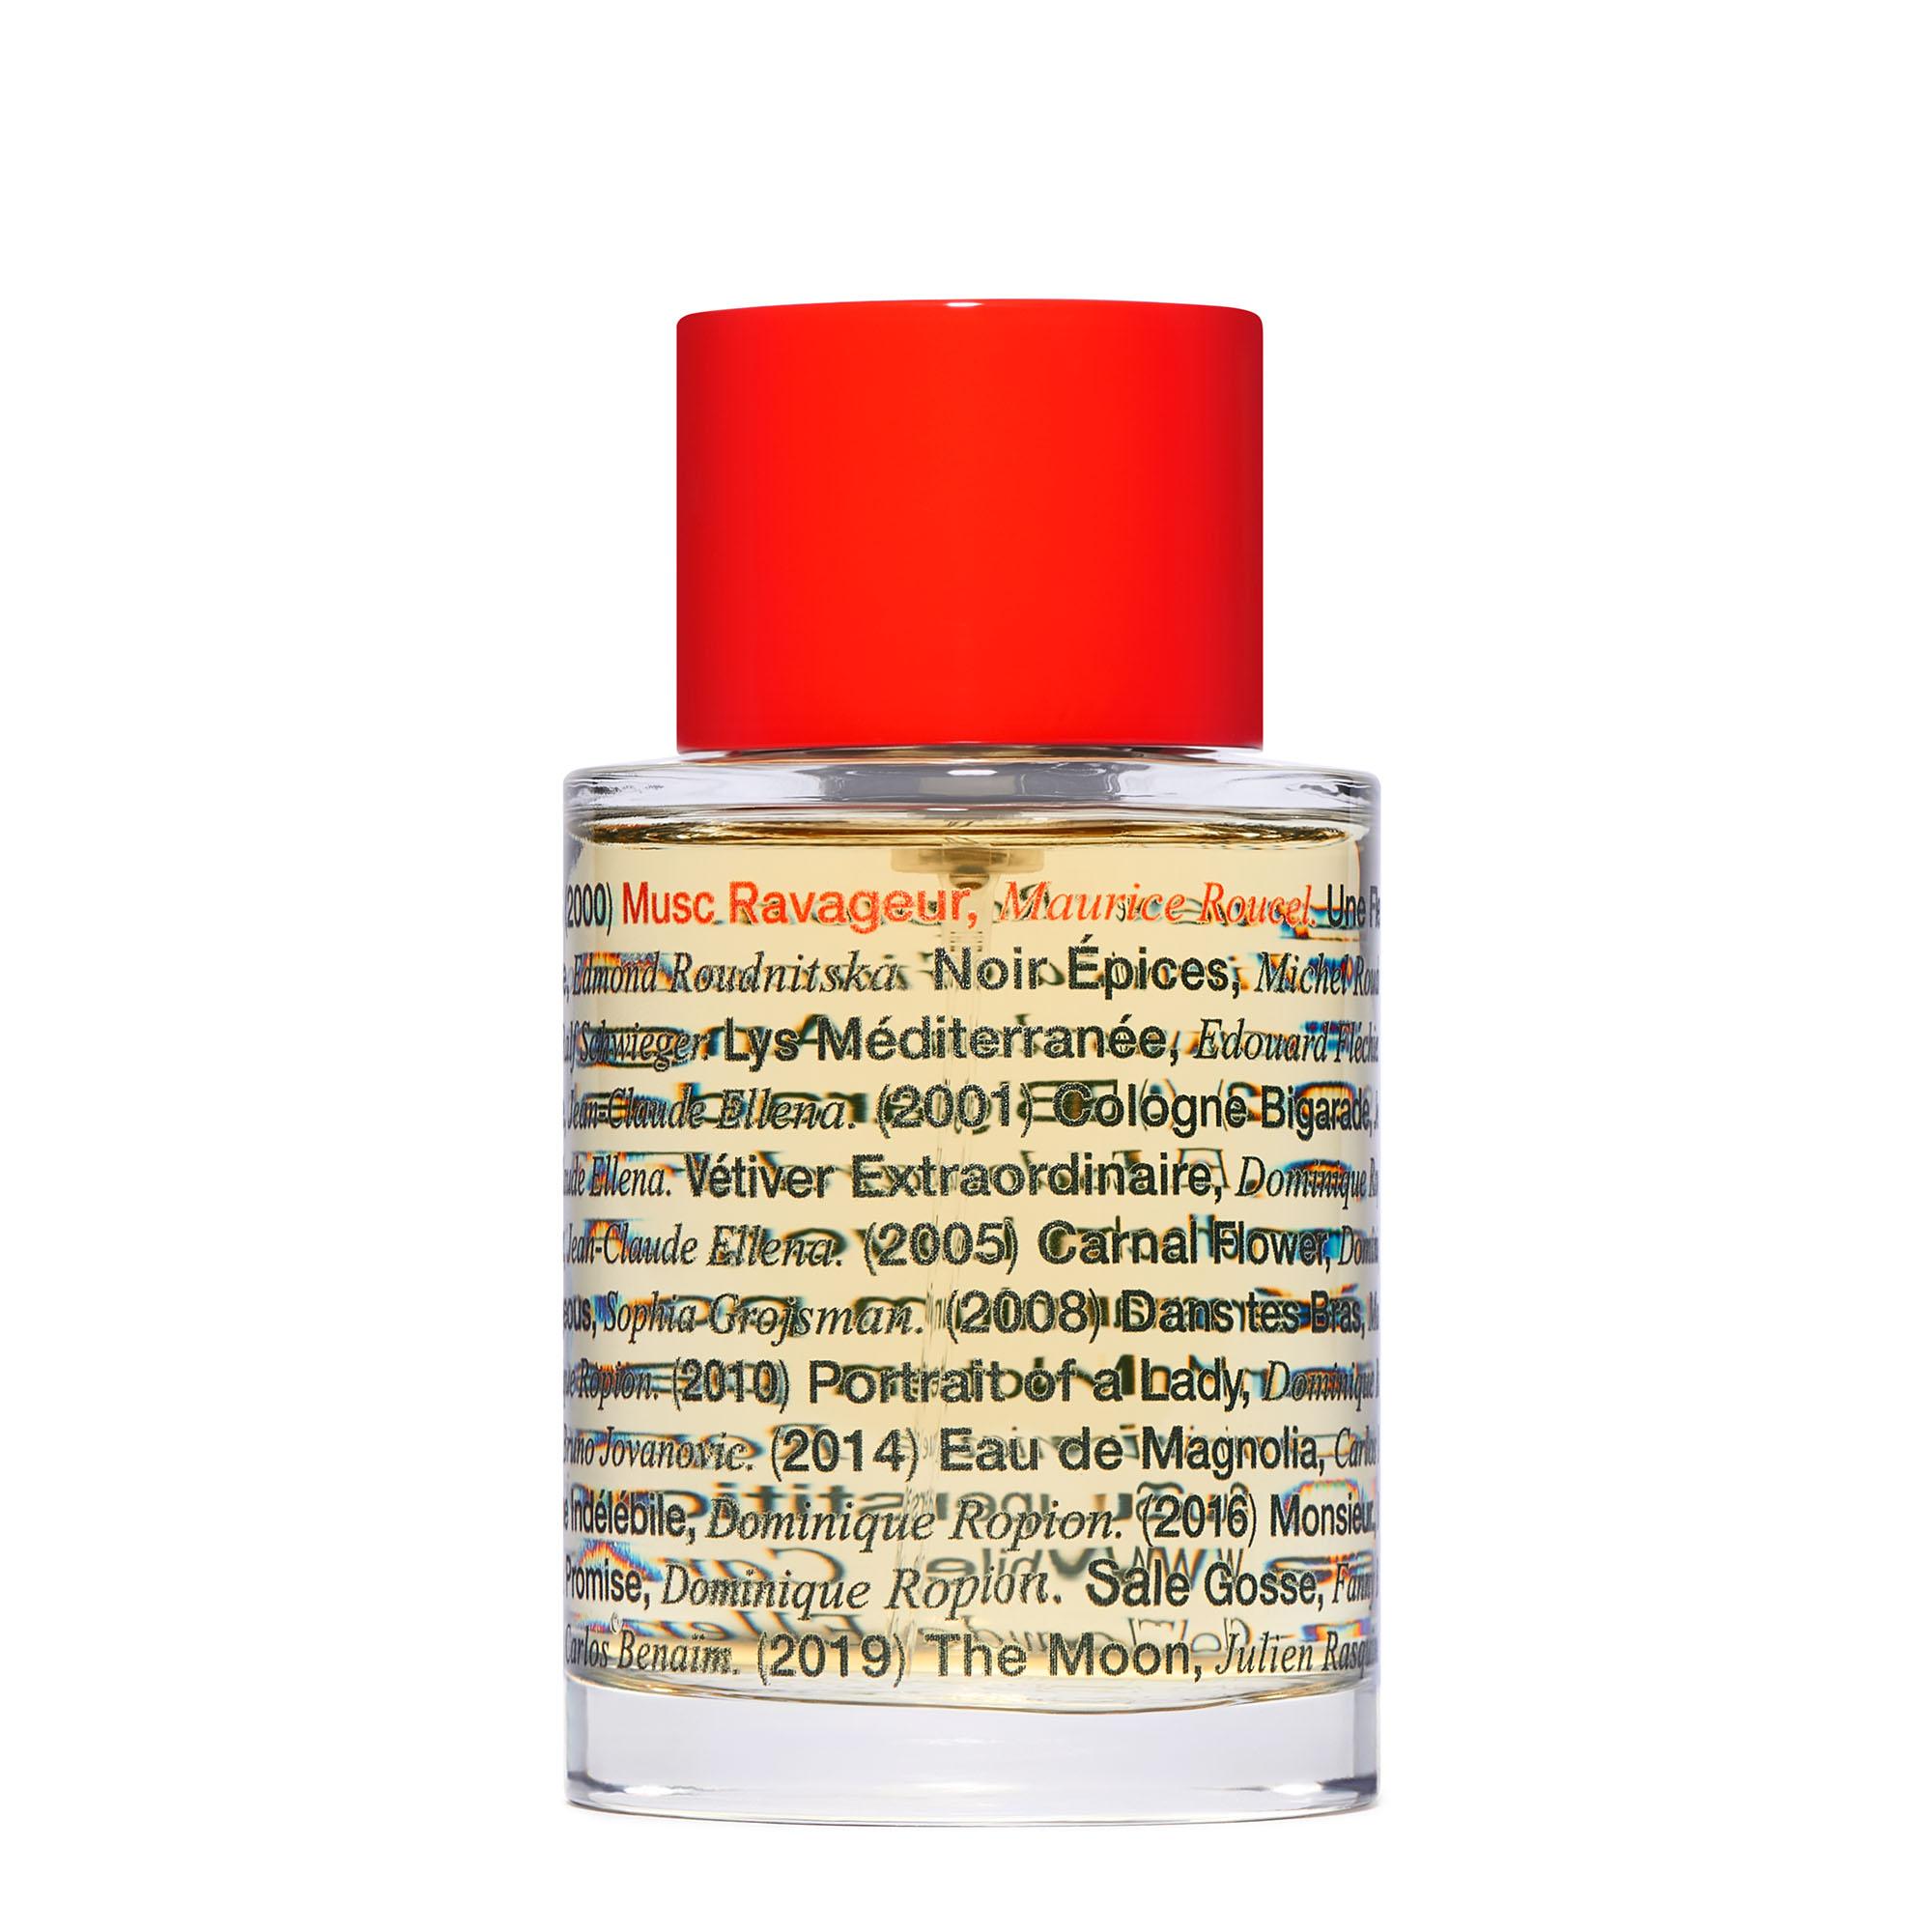 人とかぶらない、自分だけの香水を見つけに♡ 香りの祭典『サロン ド パルファン 』が伊勢丹新宿店で開催!_6